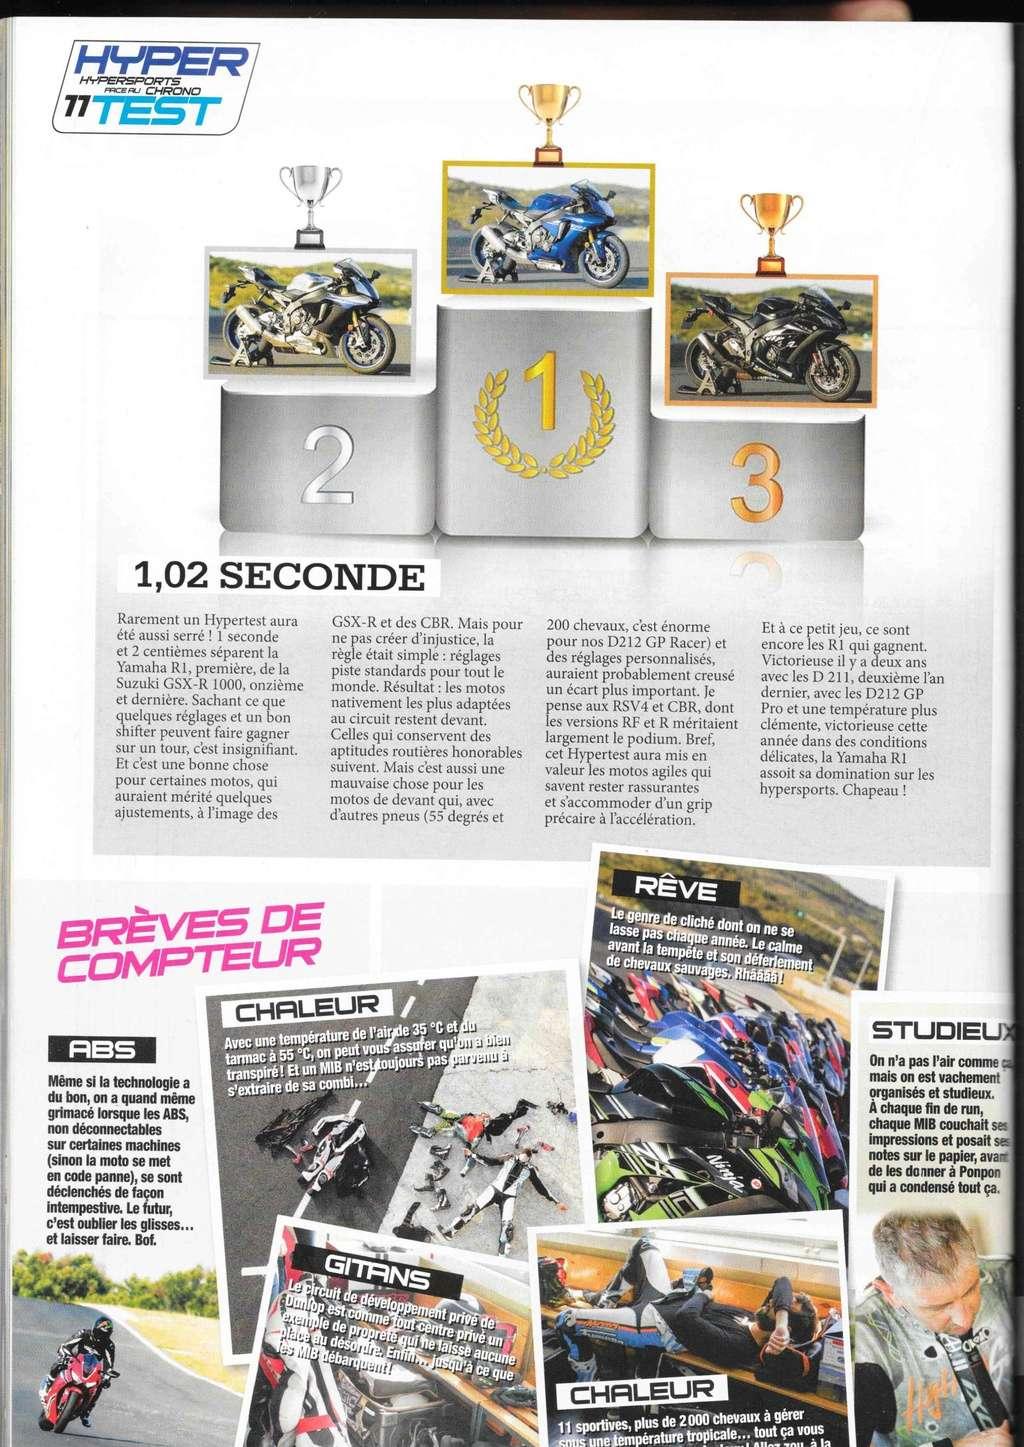 Livre, Magazine, En kiosque, Presse Spécialisée, Canard Moto, Bouquin  - Page 24 Filena11